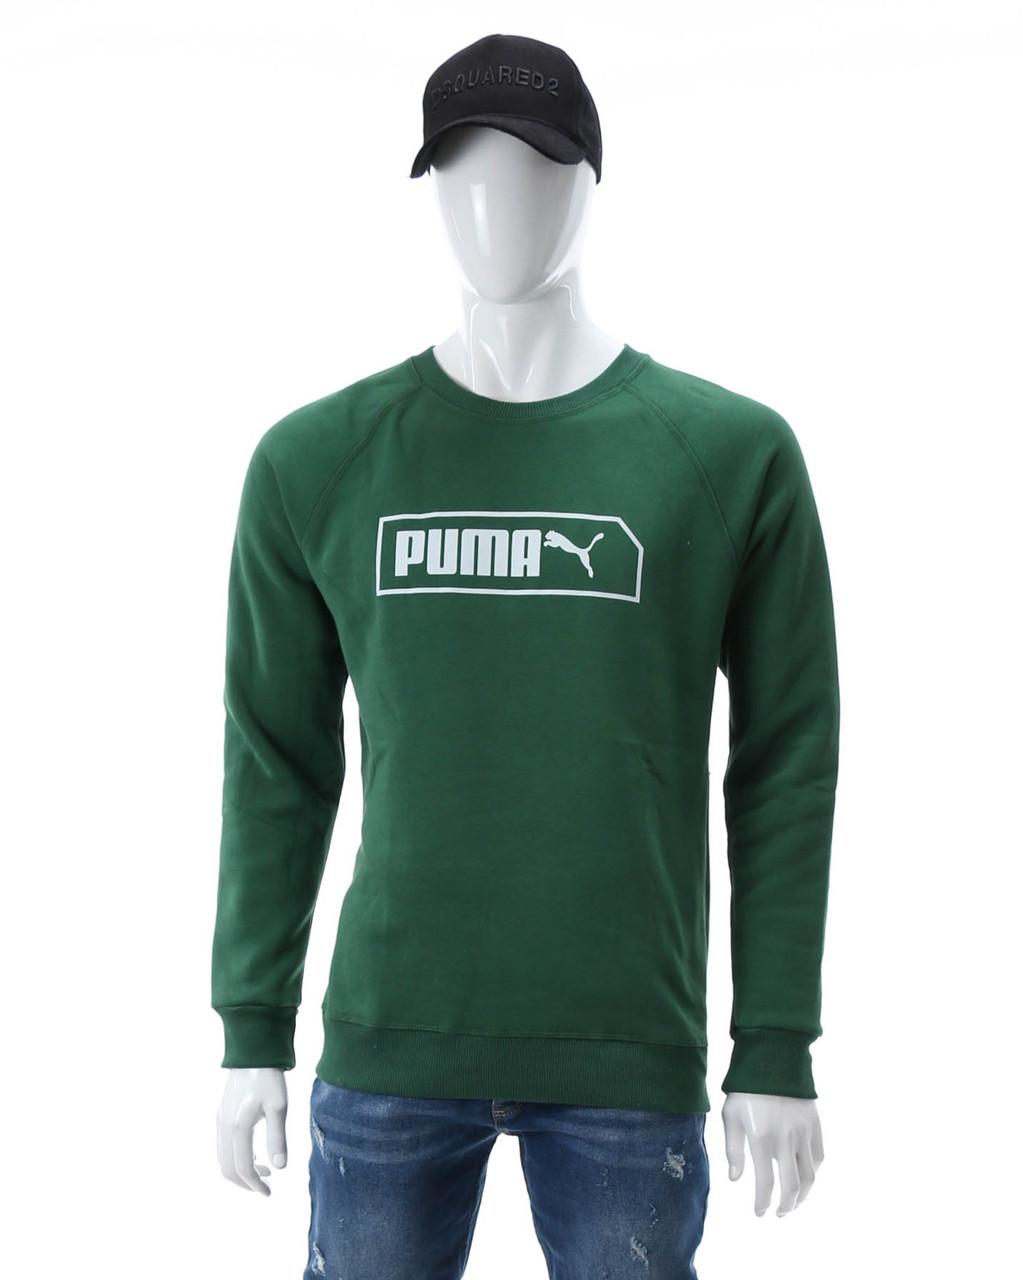 Свитшот осень-зима зеленый PUMA с лого Р-1 GRN L(Р) 20-411-103